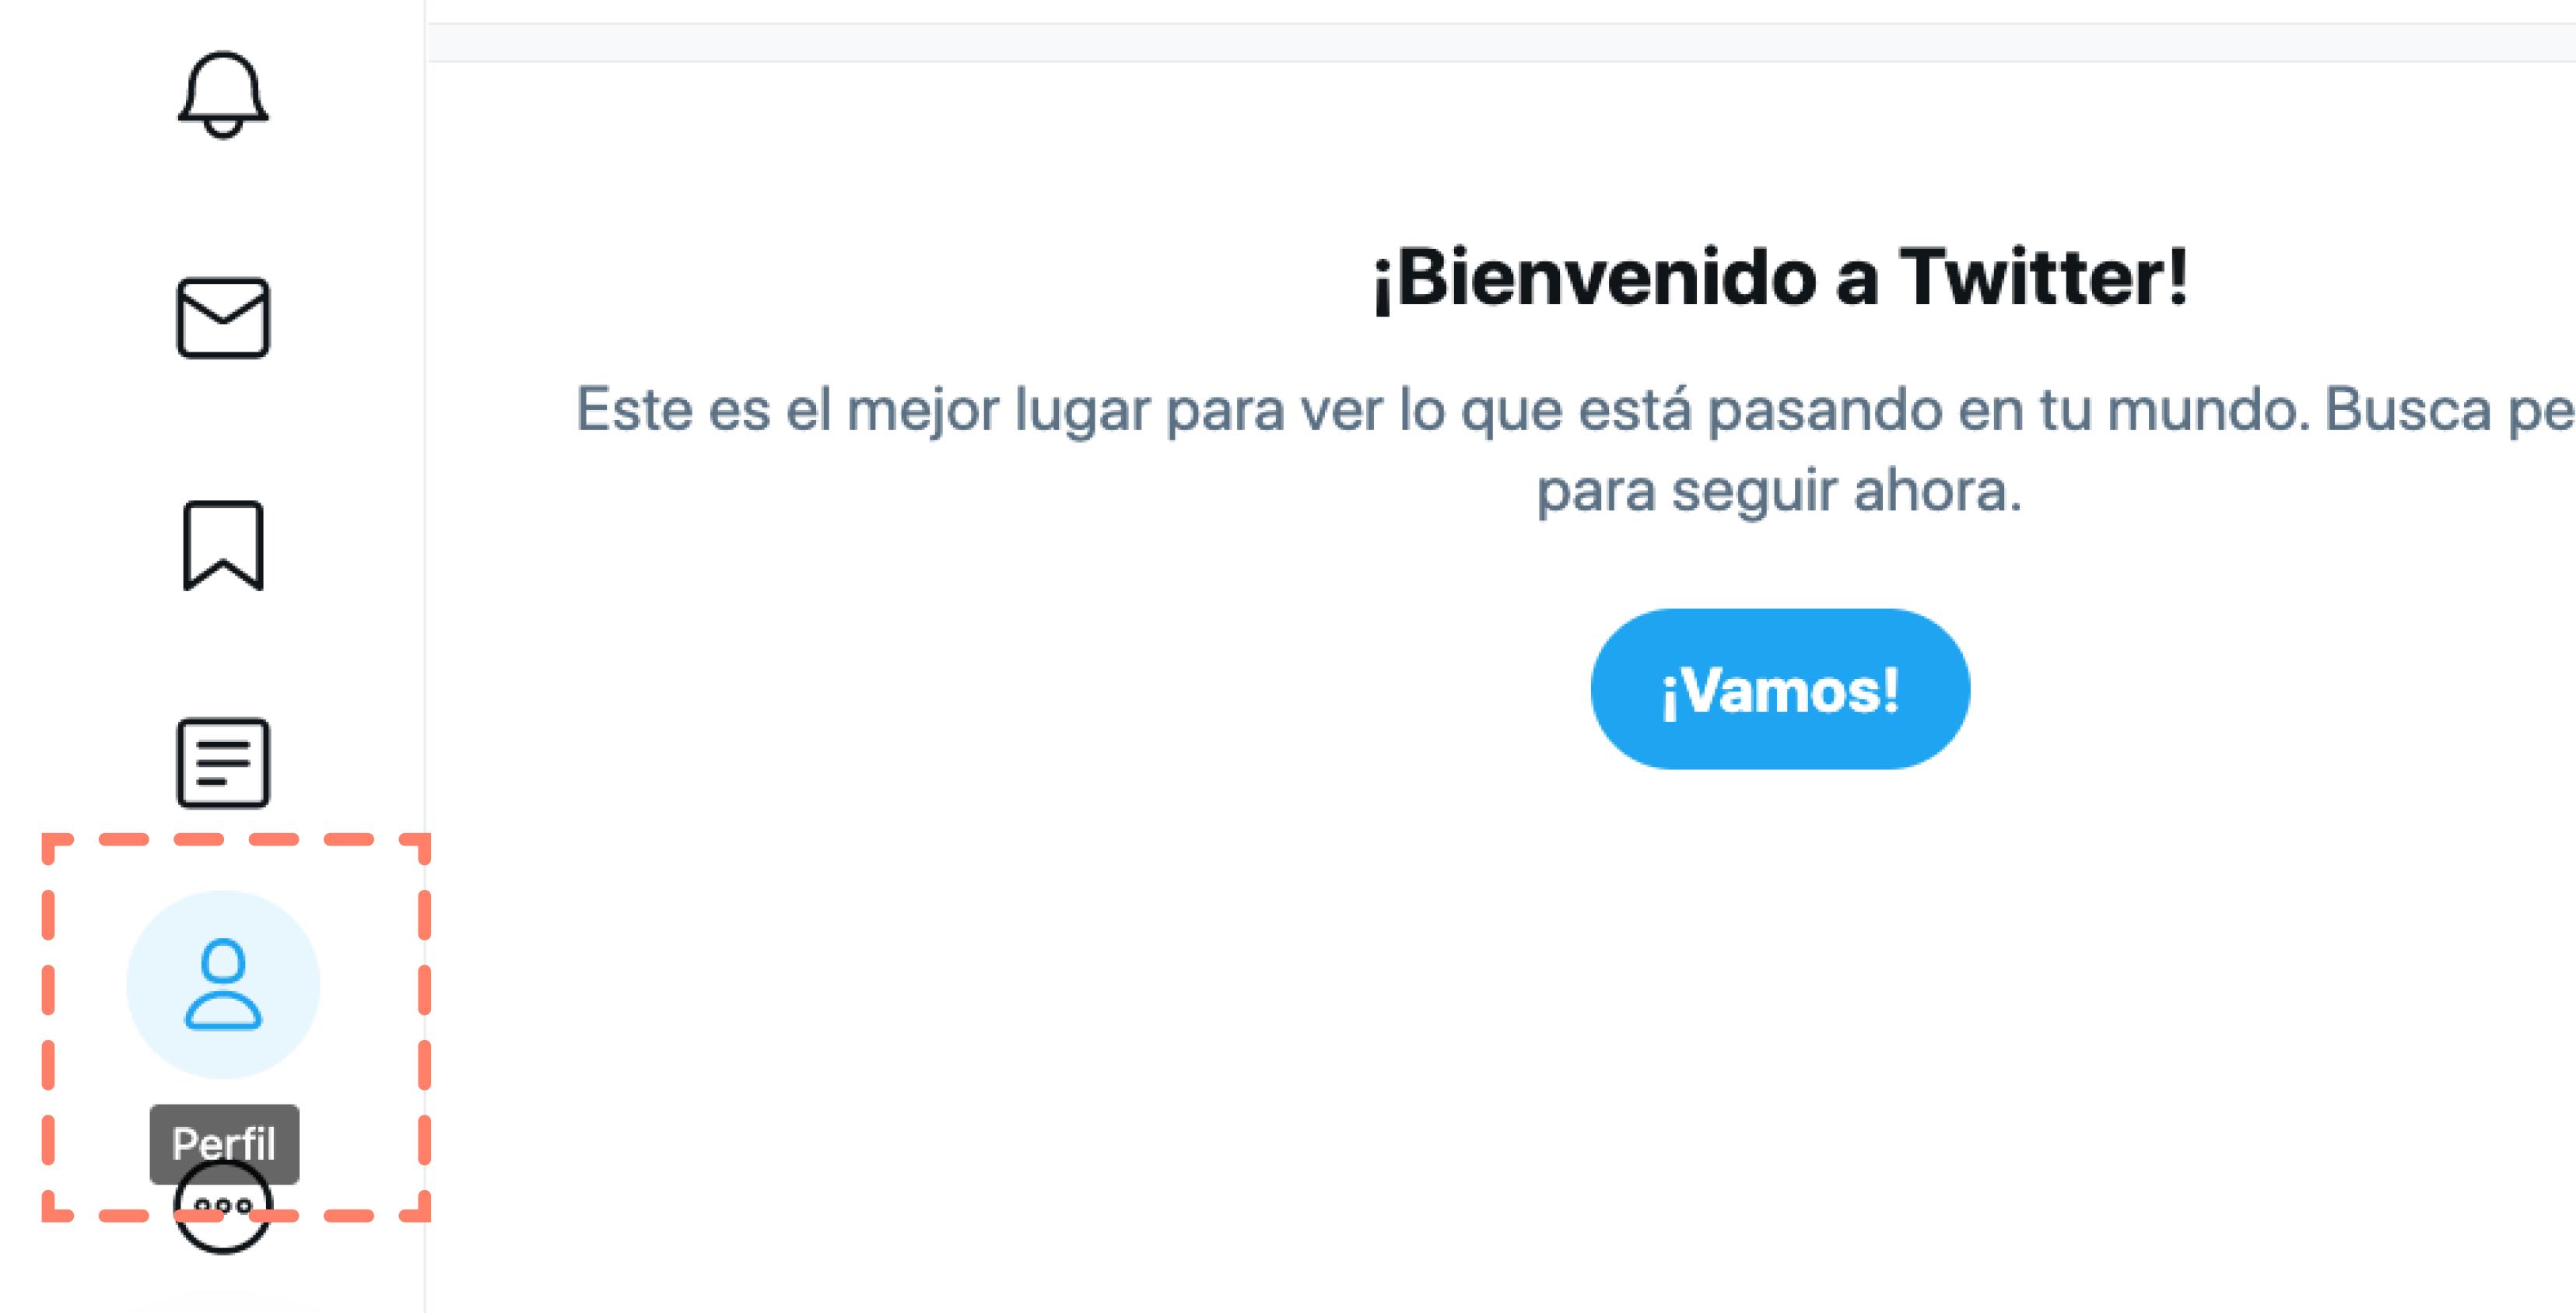 Opción perfil en panel general de opciones de Twitter